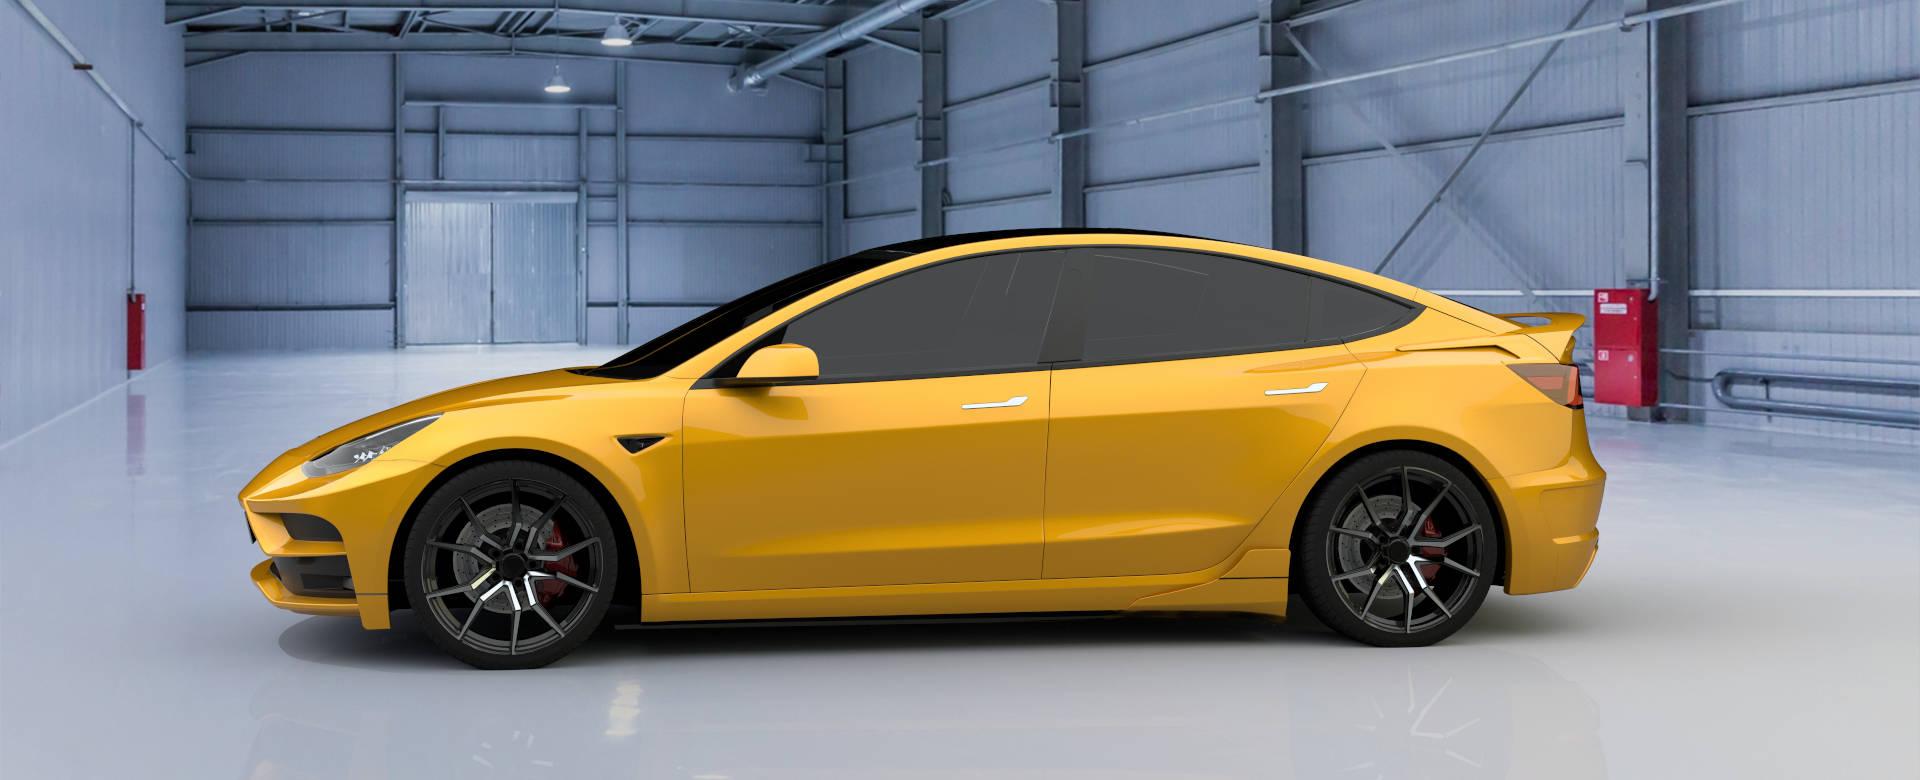 Tesla-Model-3-by-Startech-16-17